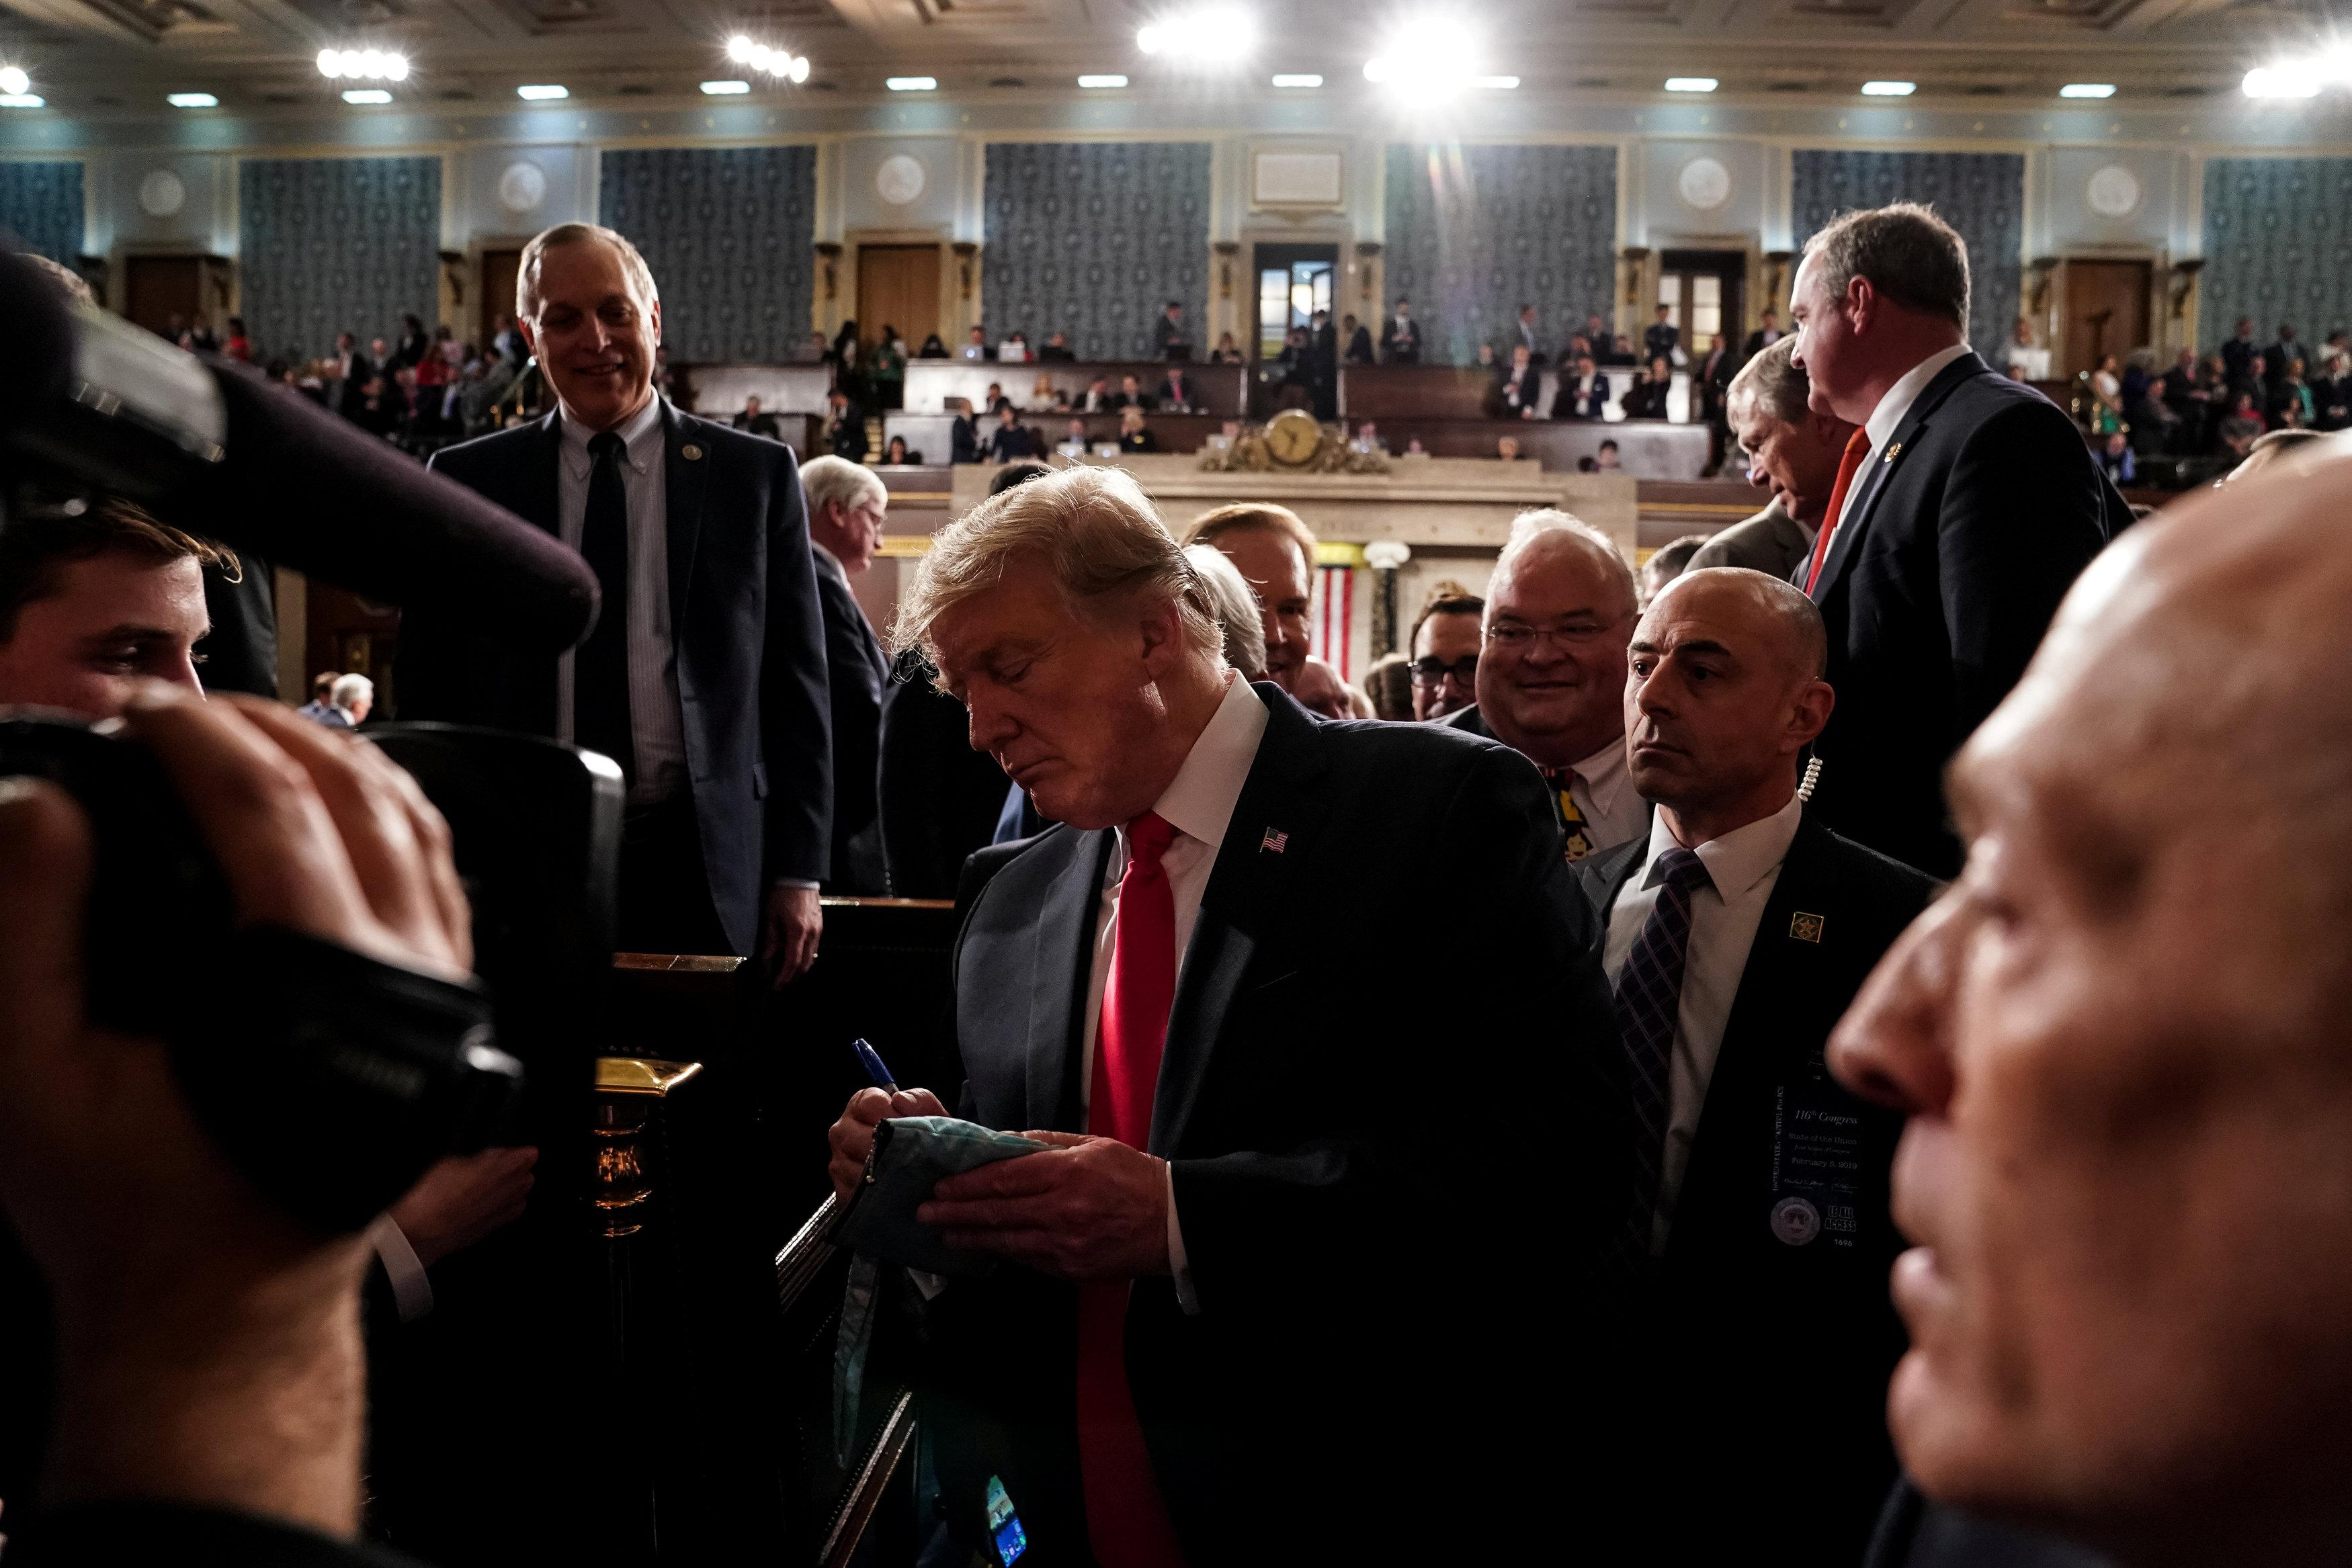 أعضاء الكونجرس يتسابقون للحصول على توقيعات الرئيس